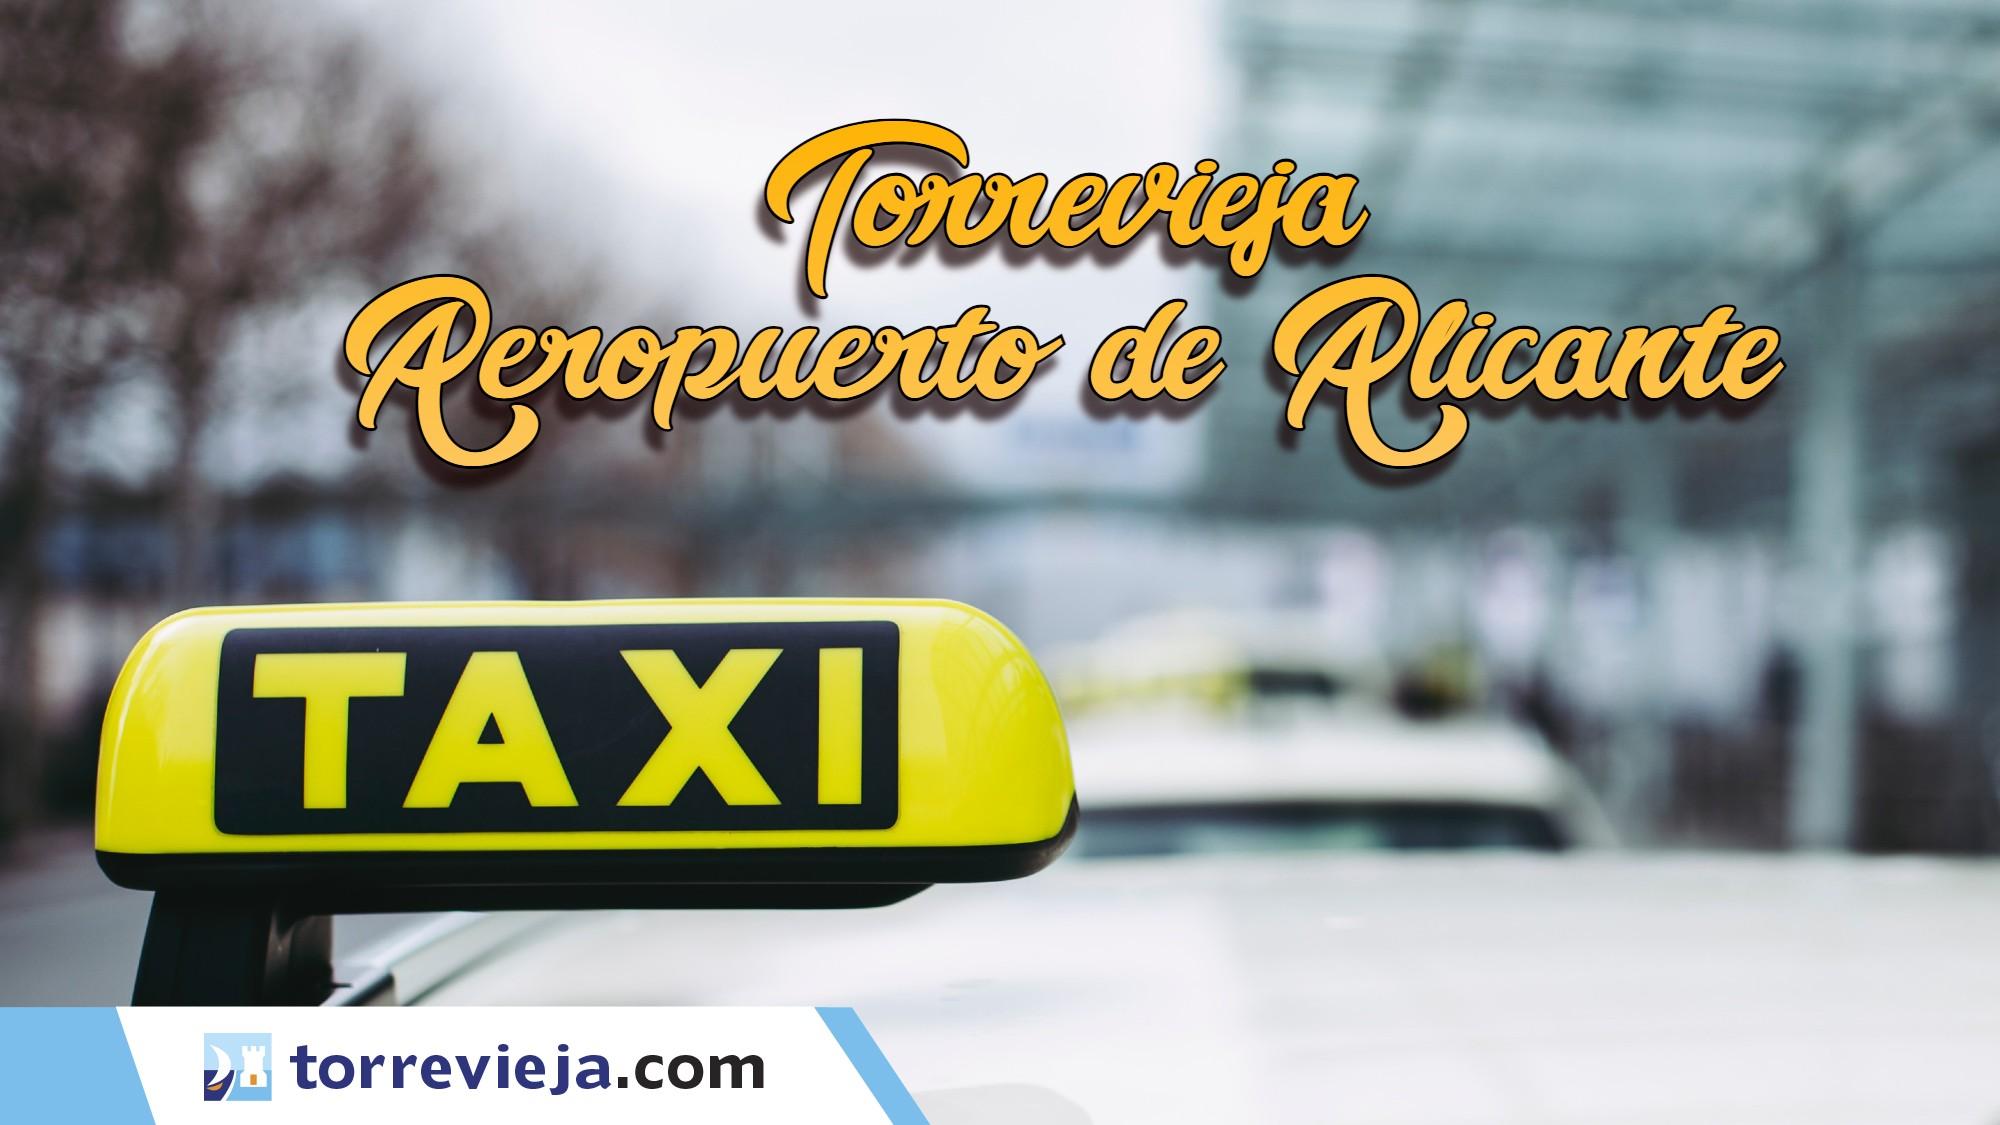 Taxi de Torrevieja al aeropuerto de Alicante